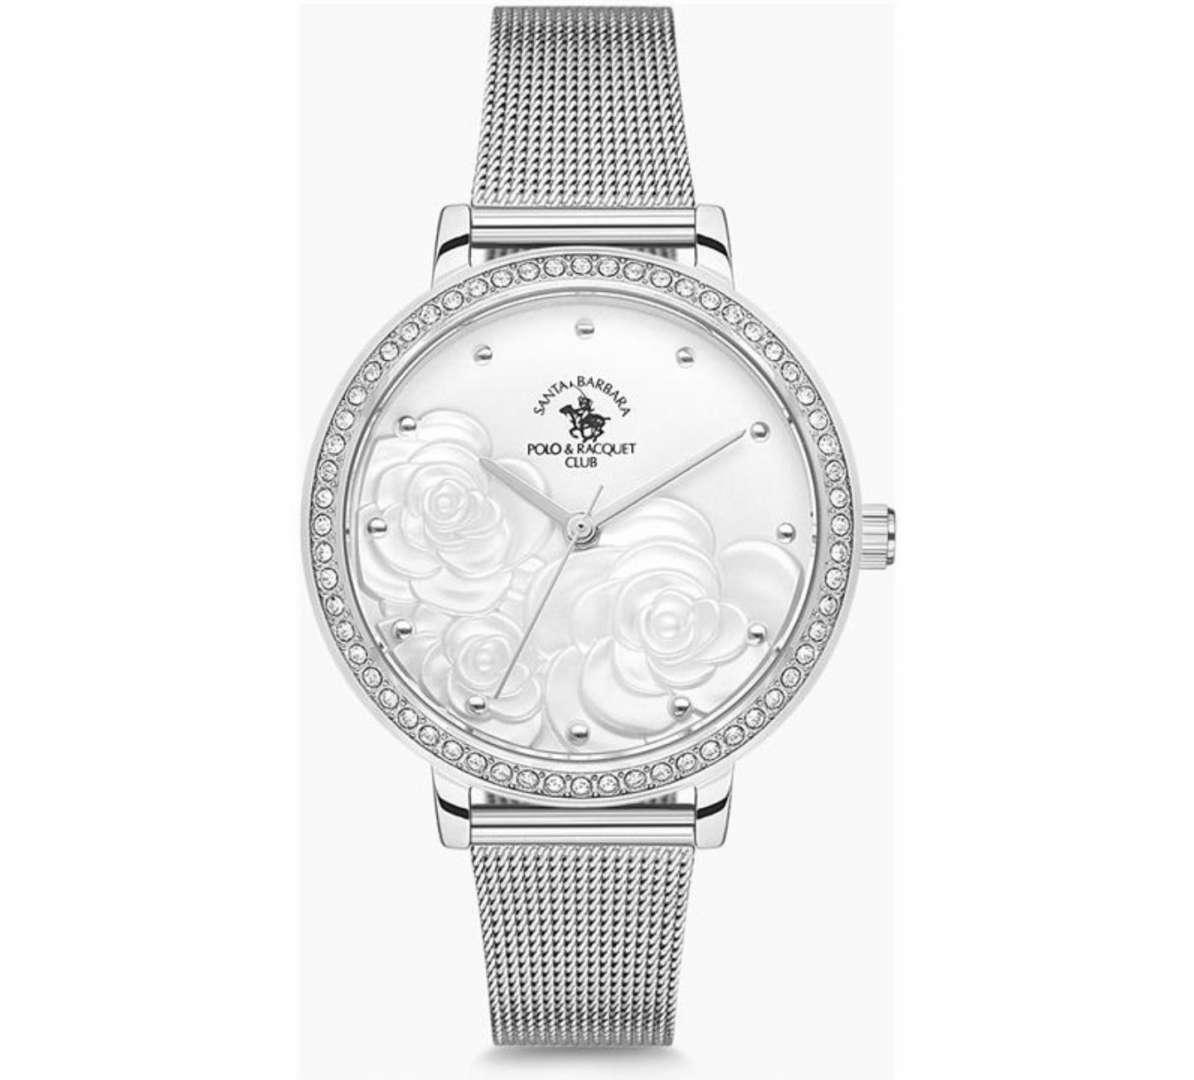 שעון יד אנלוגי santa barbara polo sb.6.1119.1 סנטה ברברה פולו קלאב